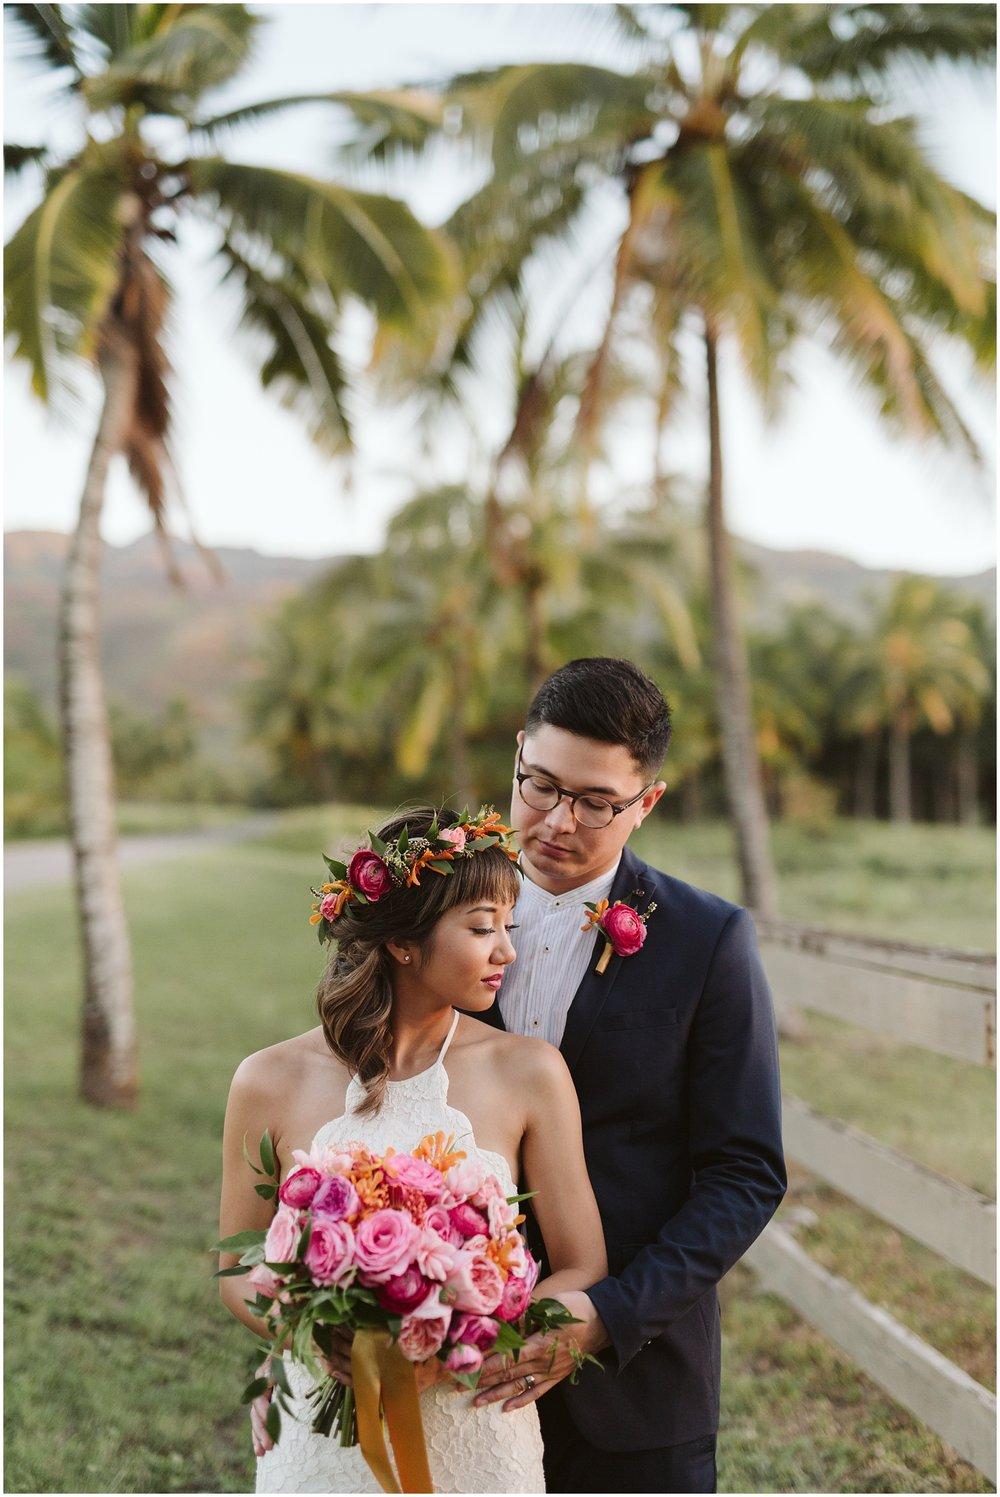 Dillingham-Ranch-Wedding-Photos-Waialua-Hawaii_0066.jpg